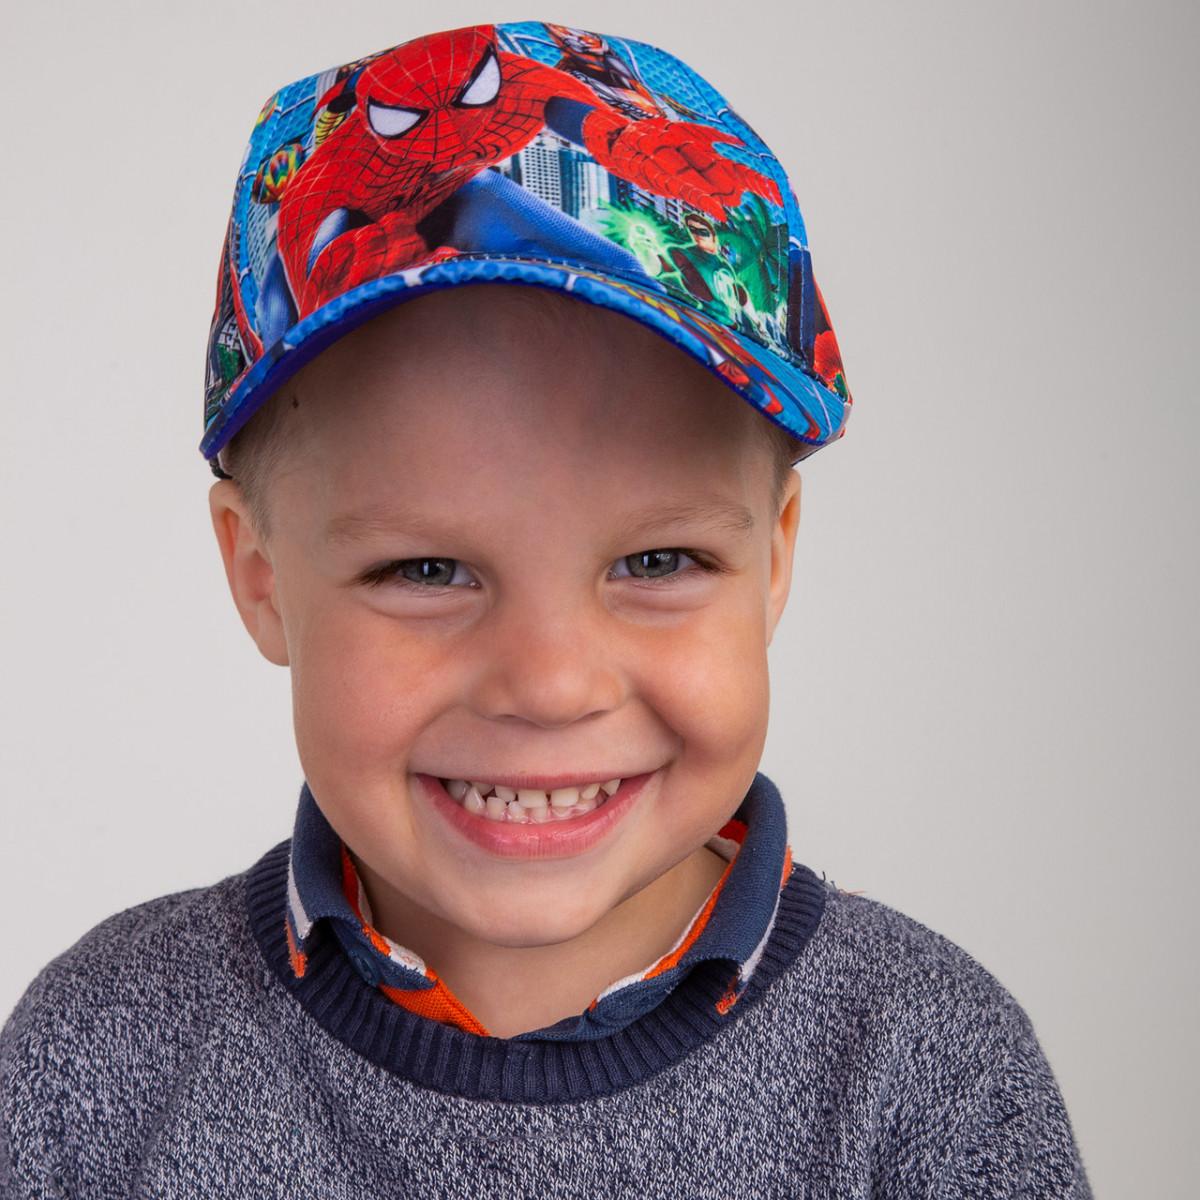 Детская летняя кепка для мальчика - Spider-Man(к11)